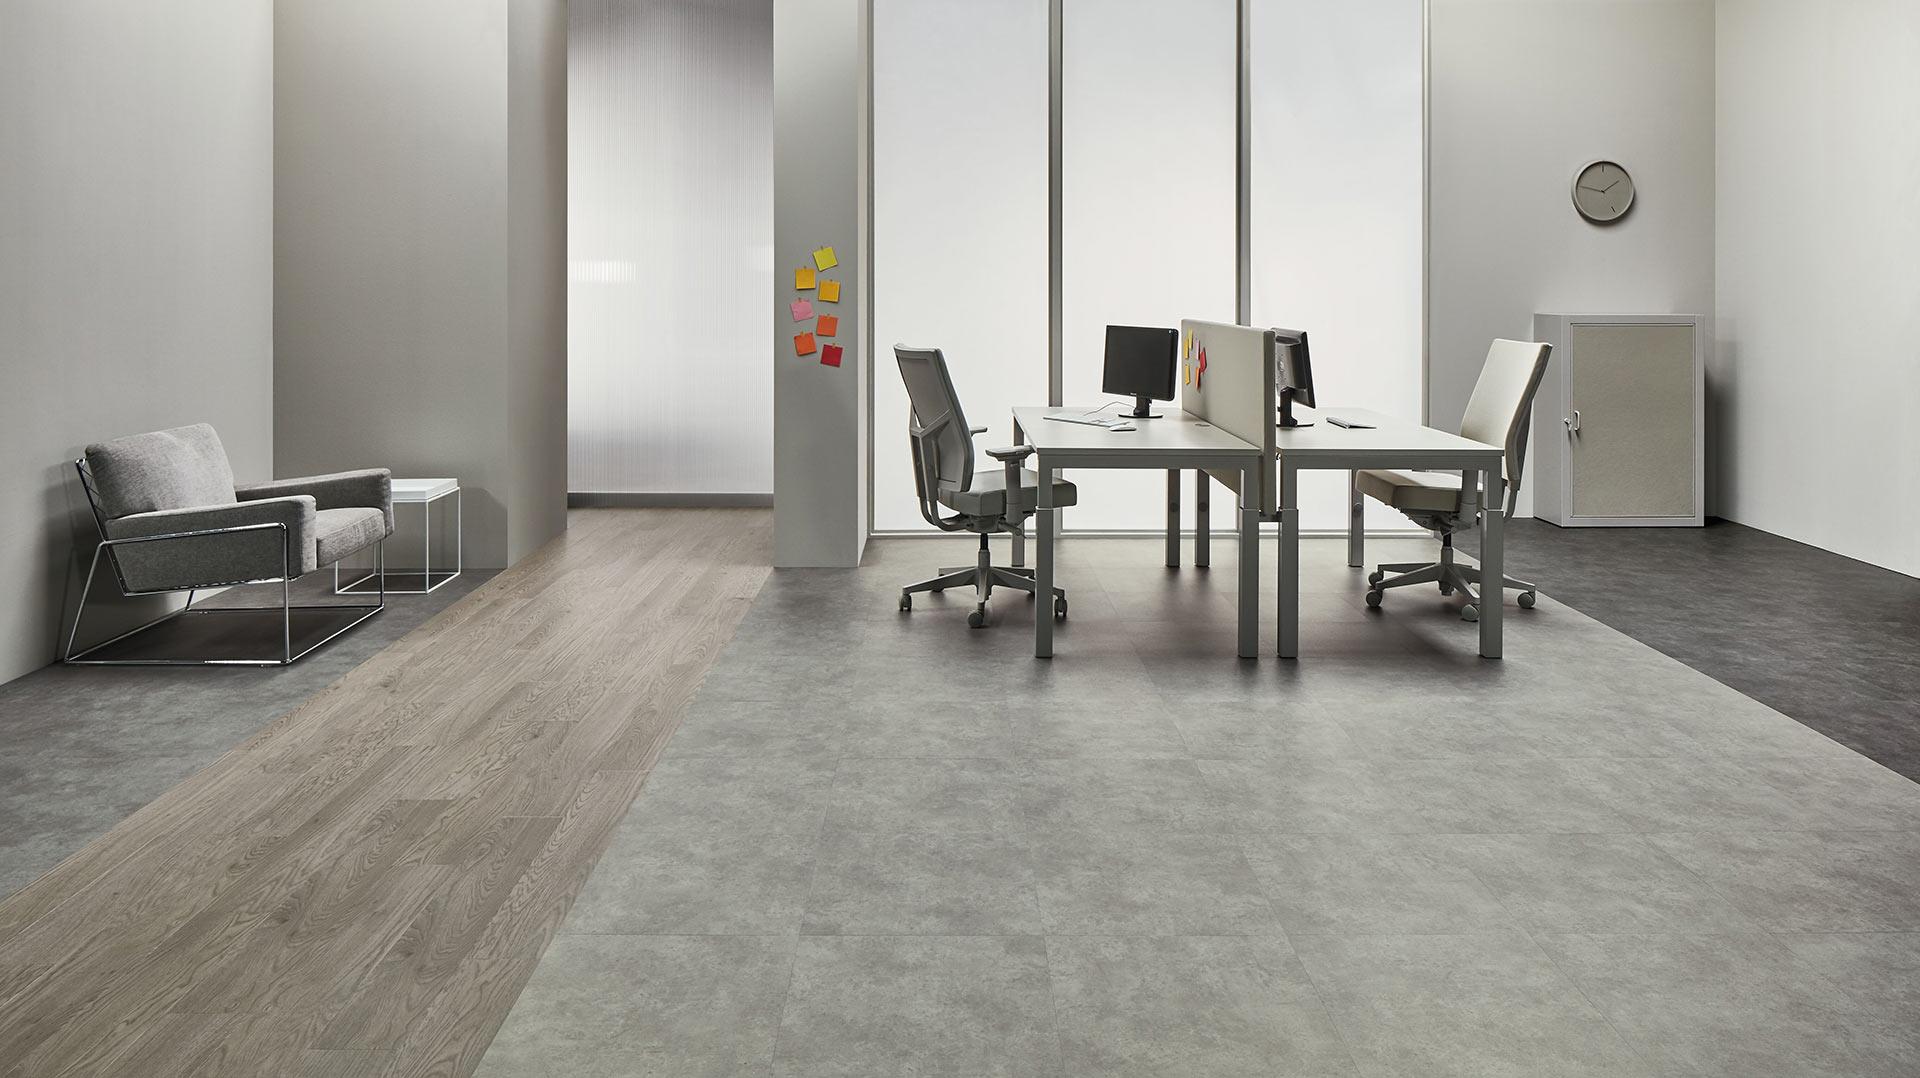 Vinylboden - Grigio Concrete - Ansicht 2